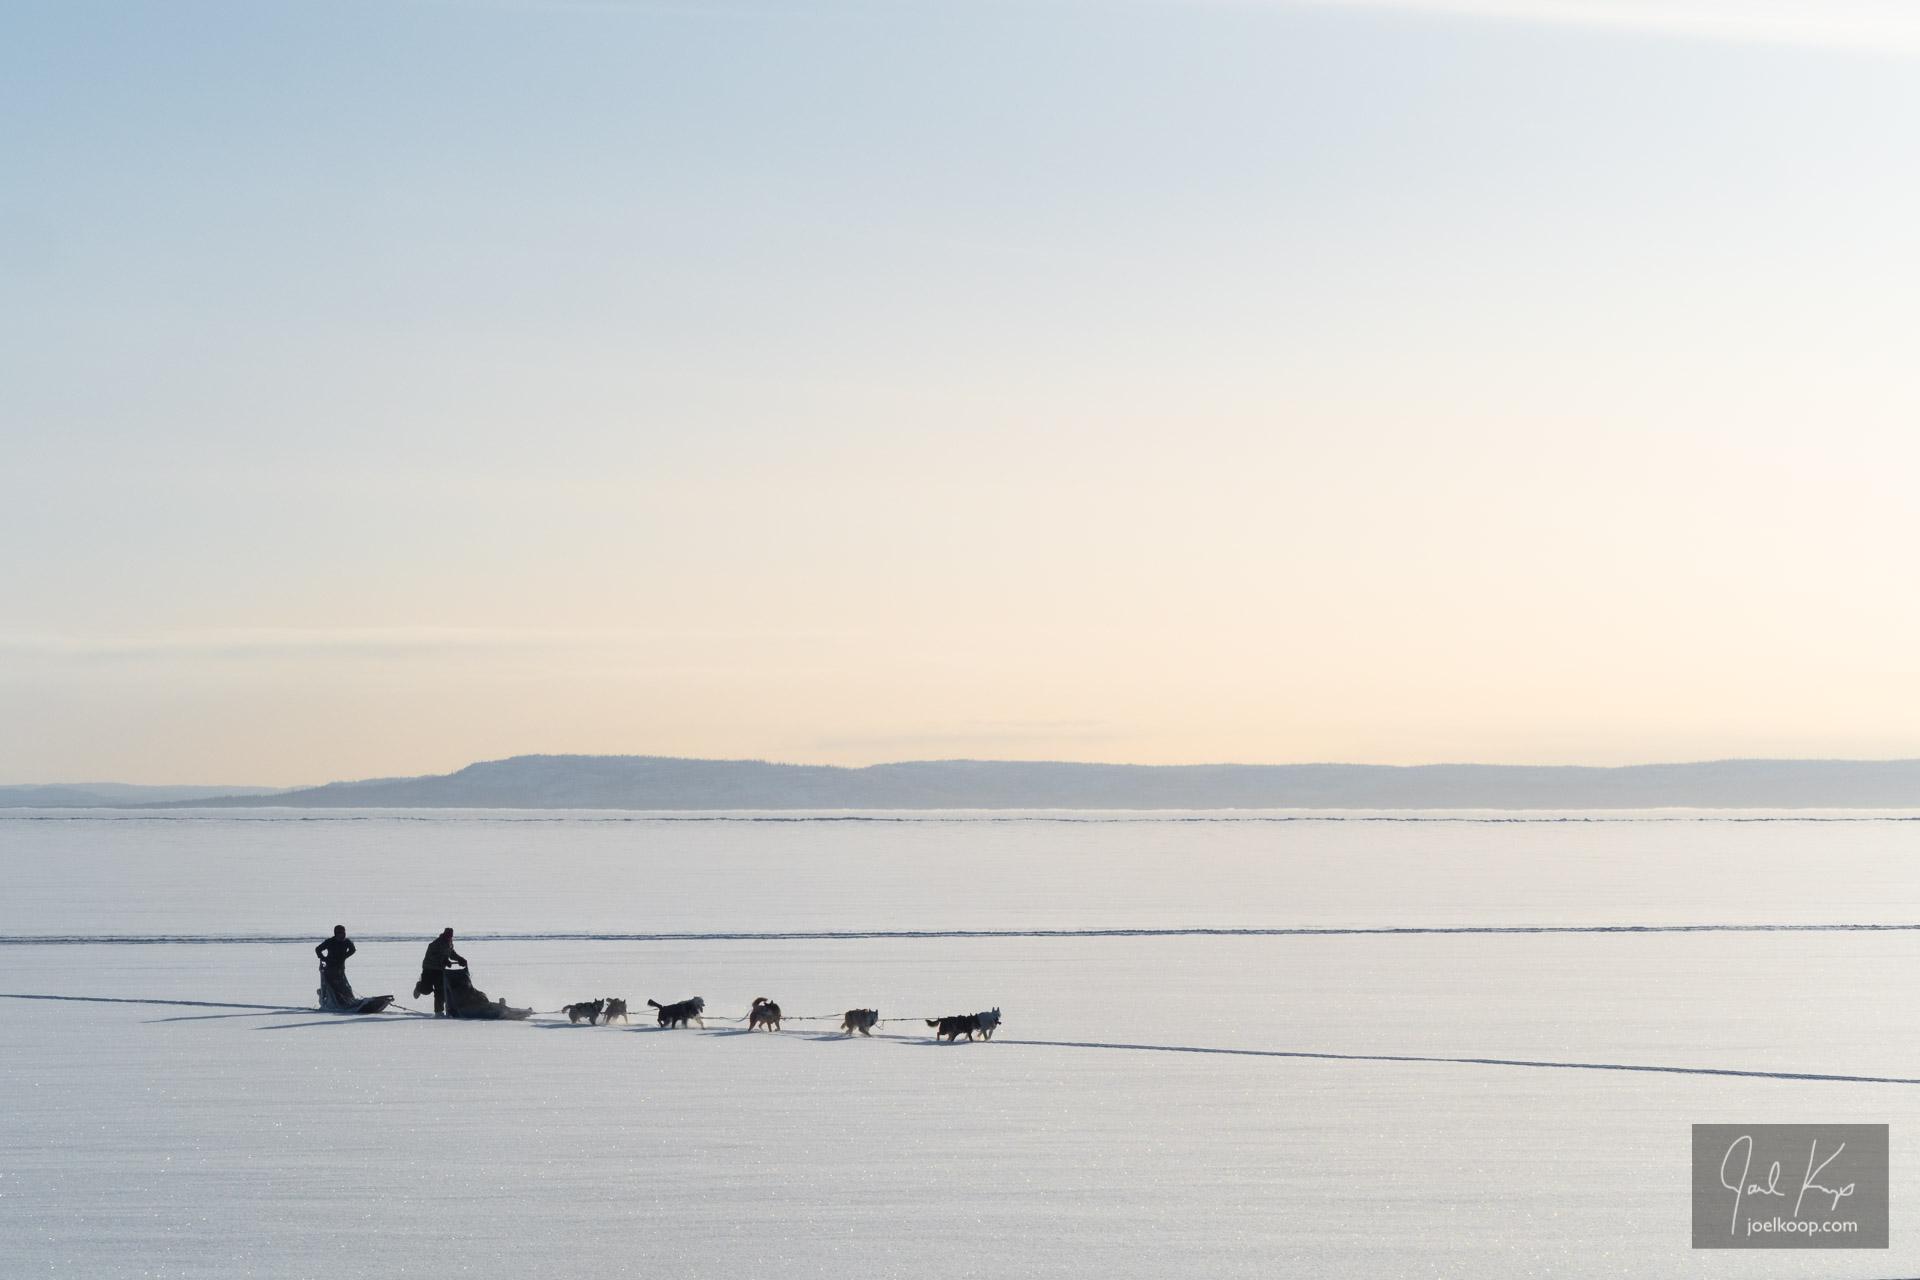 Sledding Across the Lake